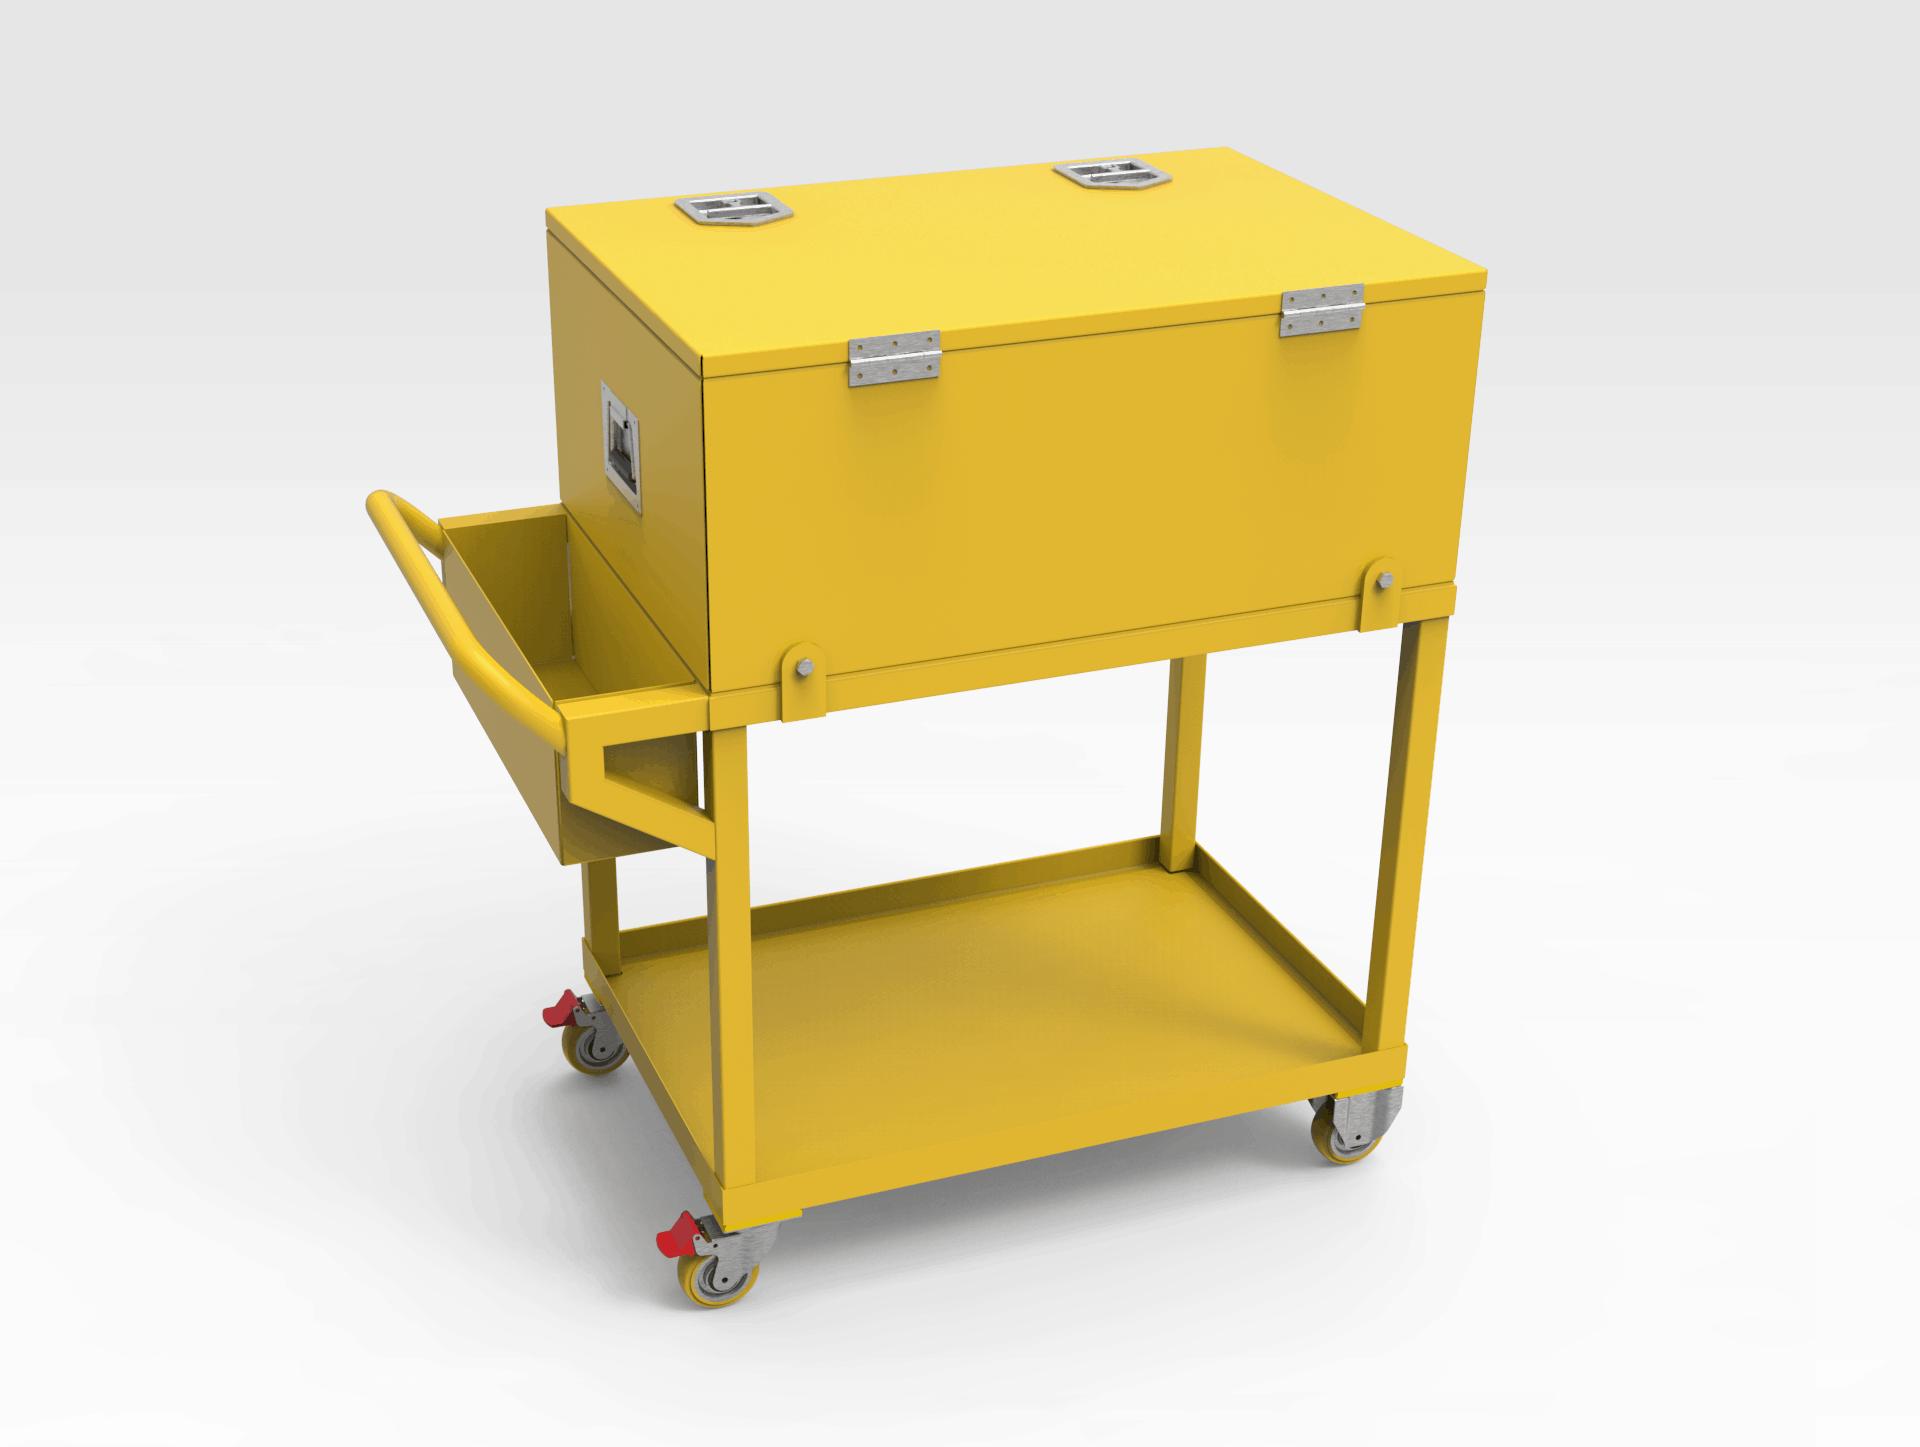 Workshop Trolley and Lock Box